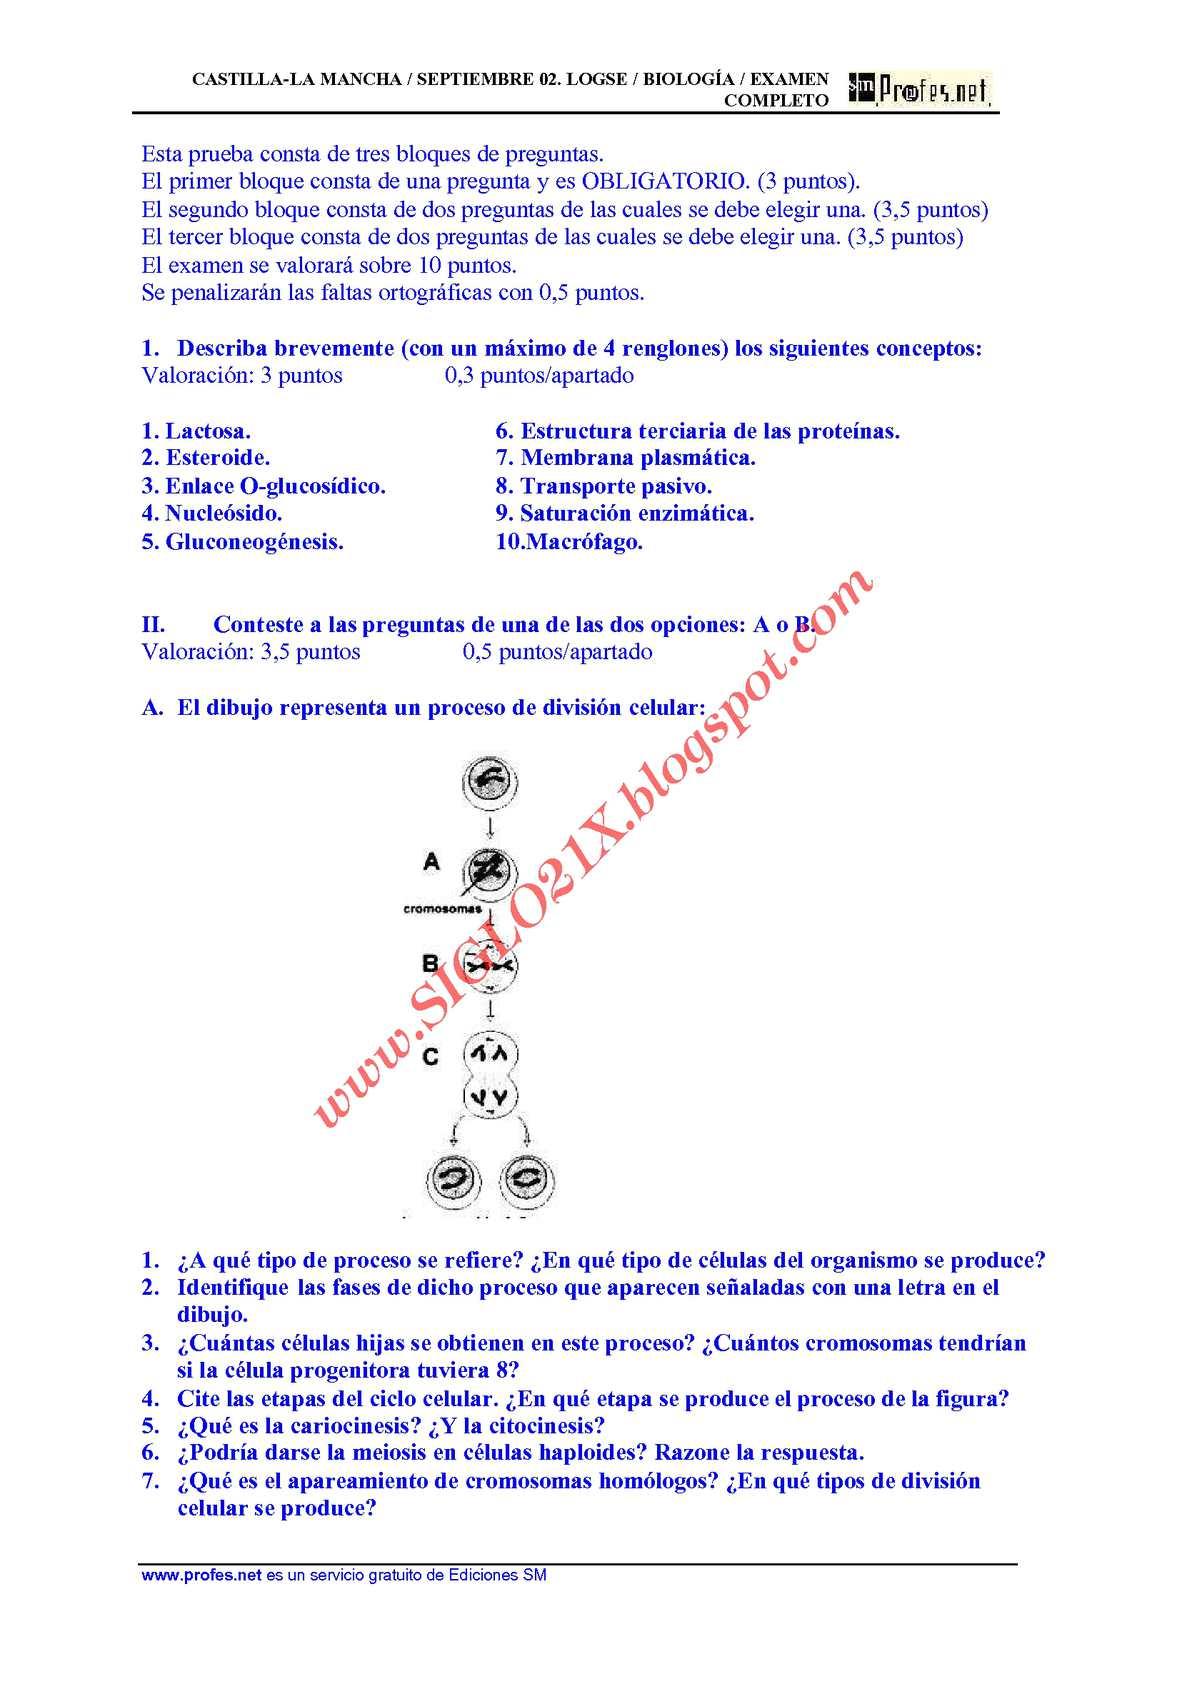 BIOLOGIA-SELECTIVIDAD-EXAMEN 9 RESUELTO- CASTILLA-LA MANCHA-www.SIGLO21X.blogspot.com